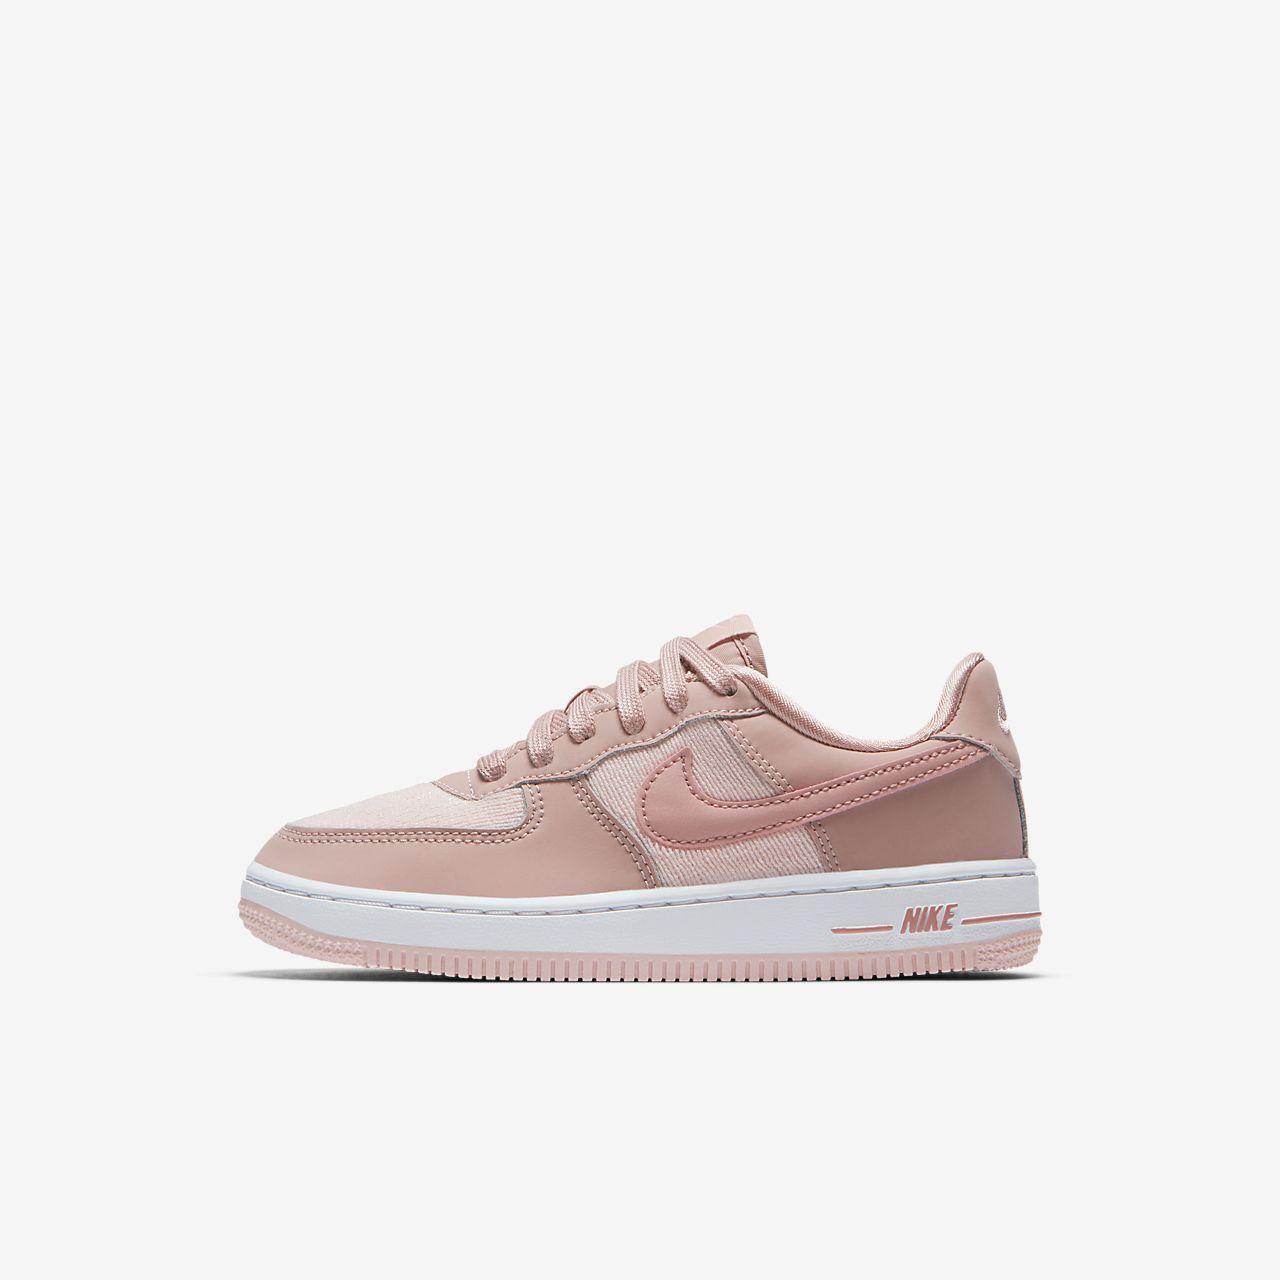 promo code 857a2 af0e0 ... ebay calzado para niños talla pequeña nike air force 1 lv8 e76ed 6525e